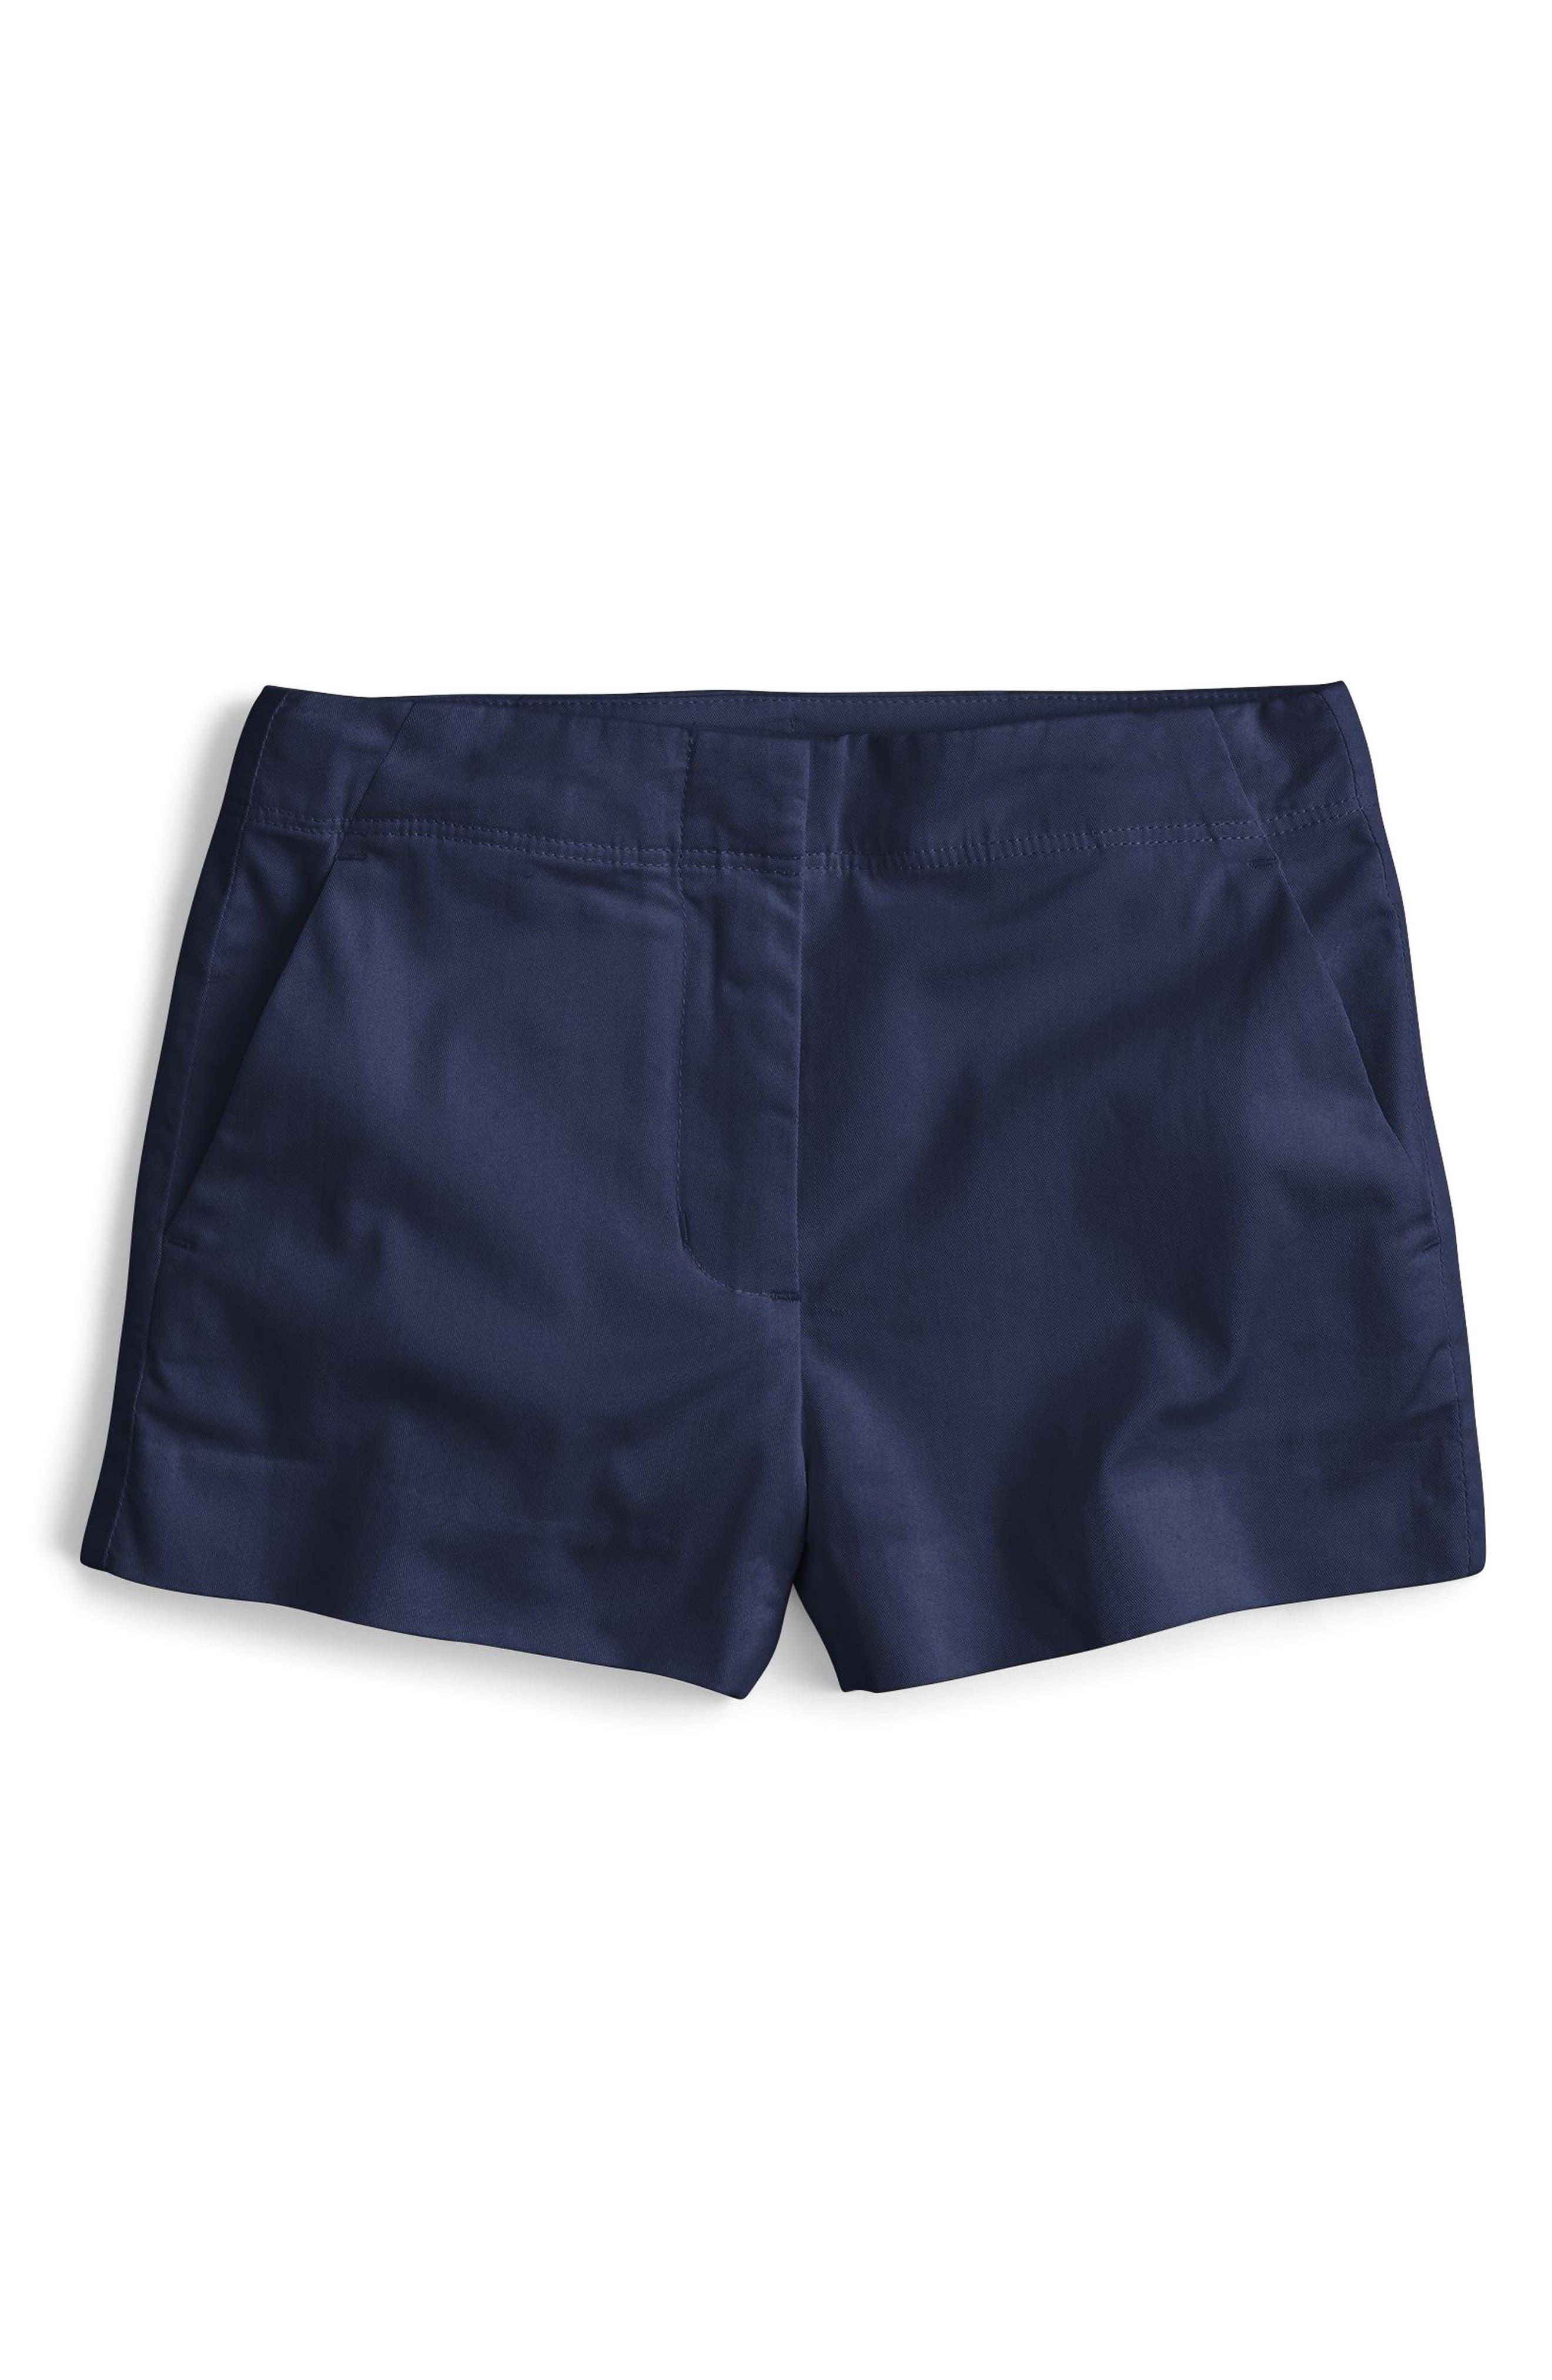 Frankie Stretch Cotton Shorts,                         Main,                         color, Indigo